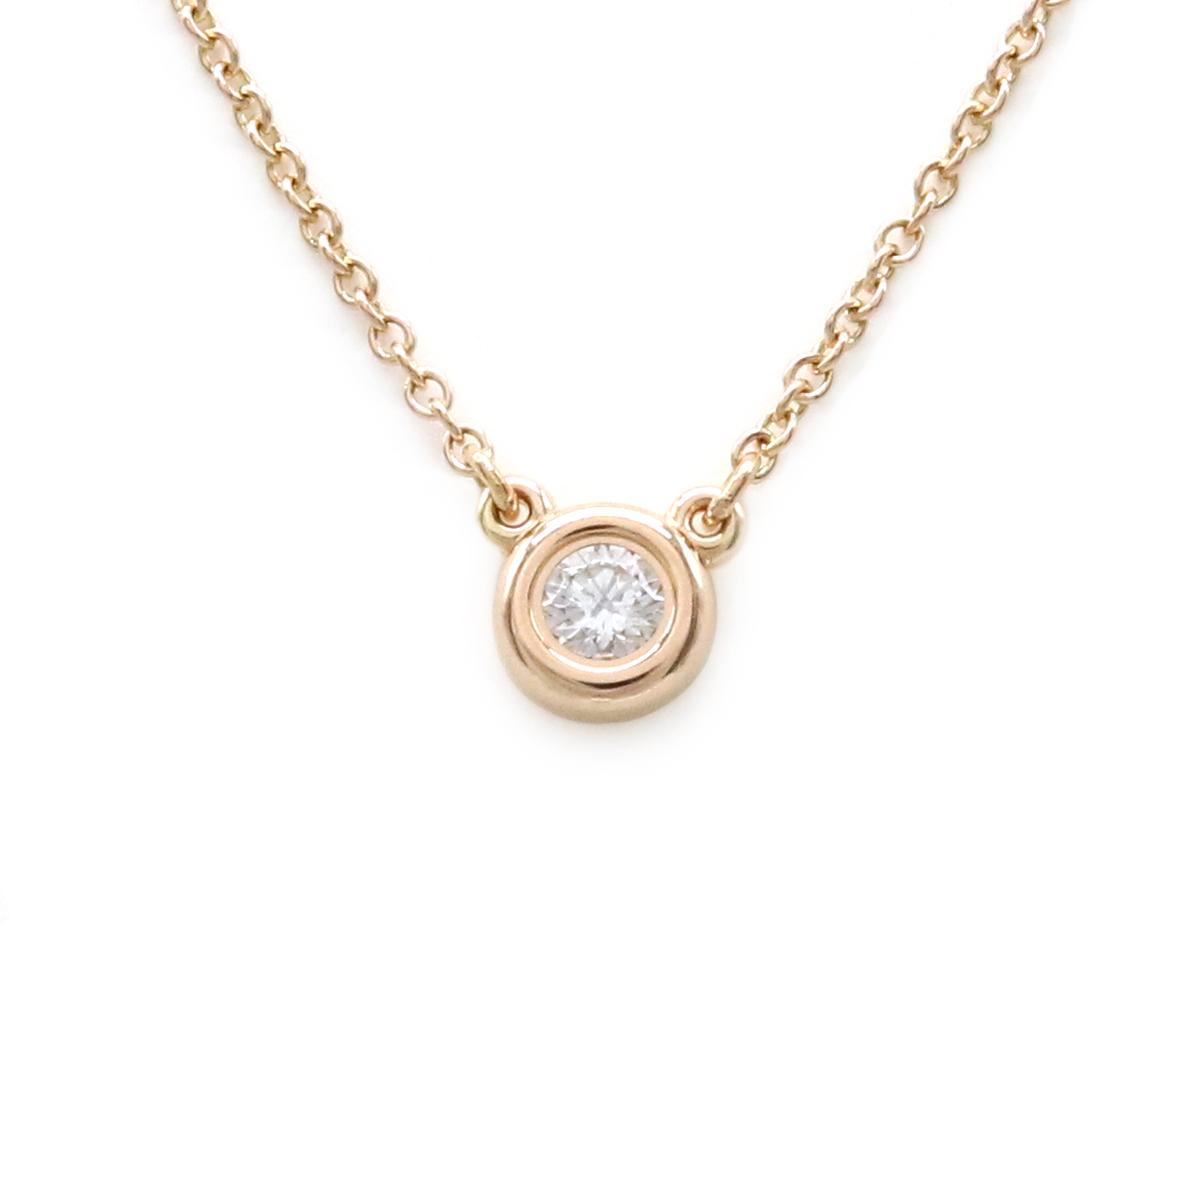 【ジュエリー】【新品仕上げ済】TIFFANY&Co. ティファニー バイザヤード ネックレス K18PG ピンクゴールド PG 1PD ダイヤモンド 0.10ct 【中古】